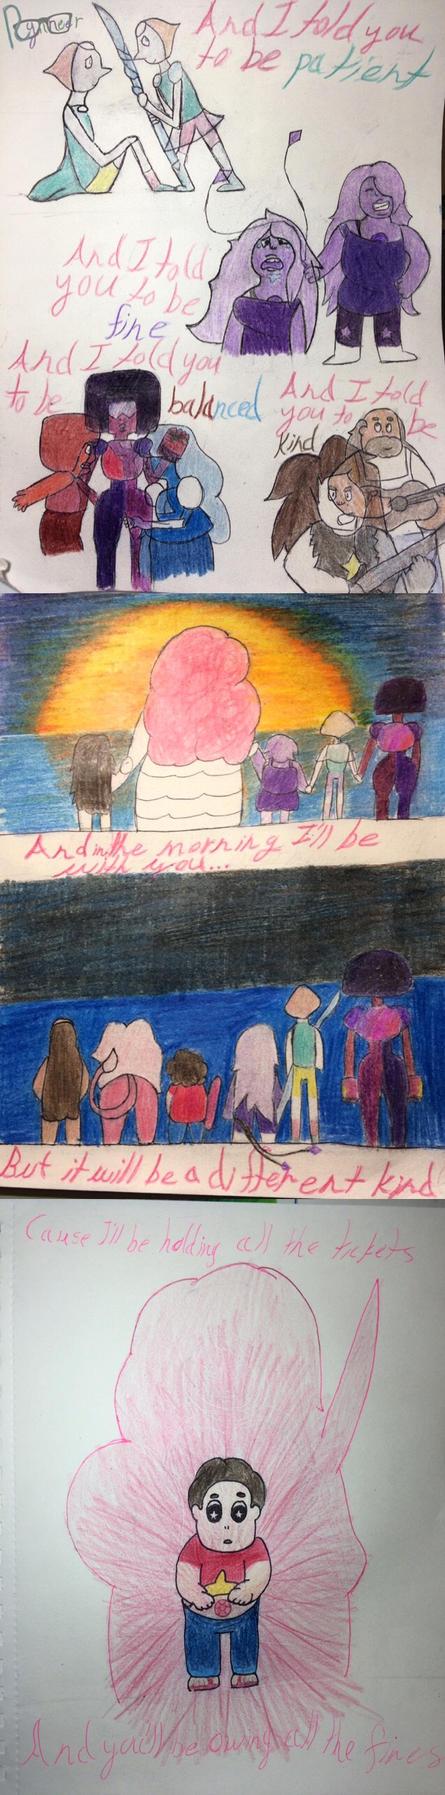 Steven Universe: Skinny Love by Rynneer